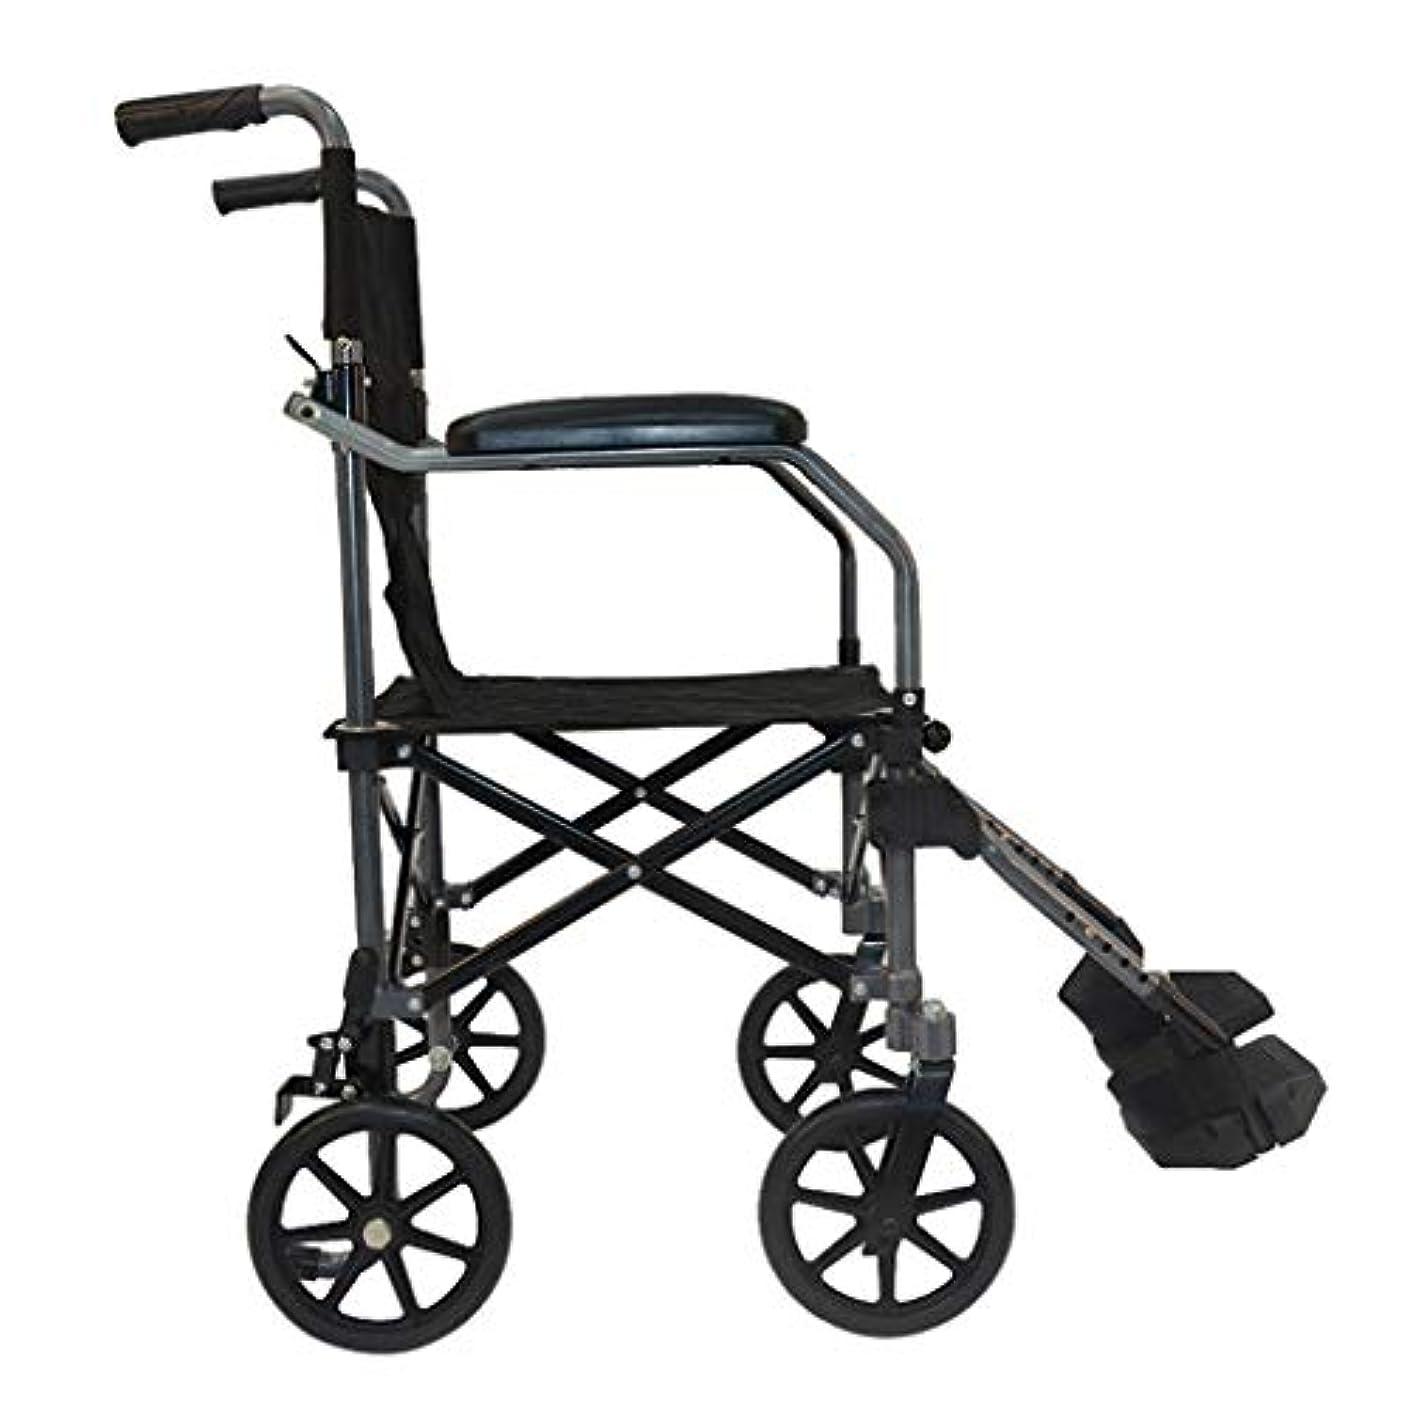 怠感アプトフィヨルド高齢者の屋外旅行トロリーに適した手動車椅子、折りたたみアルミニウム合金車椅子